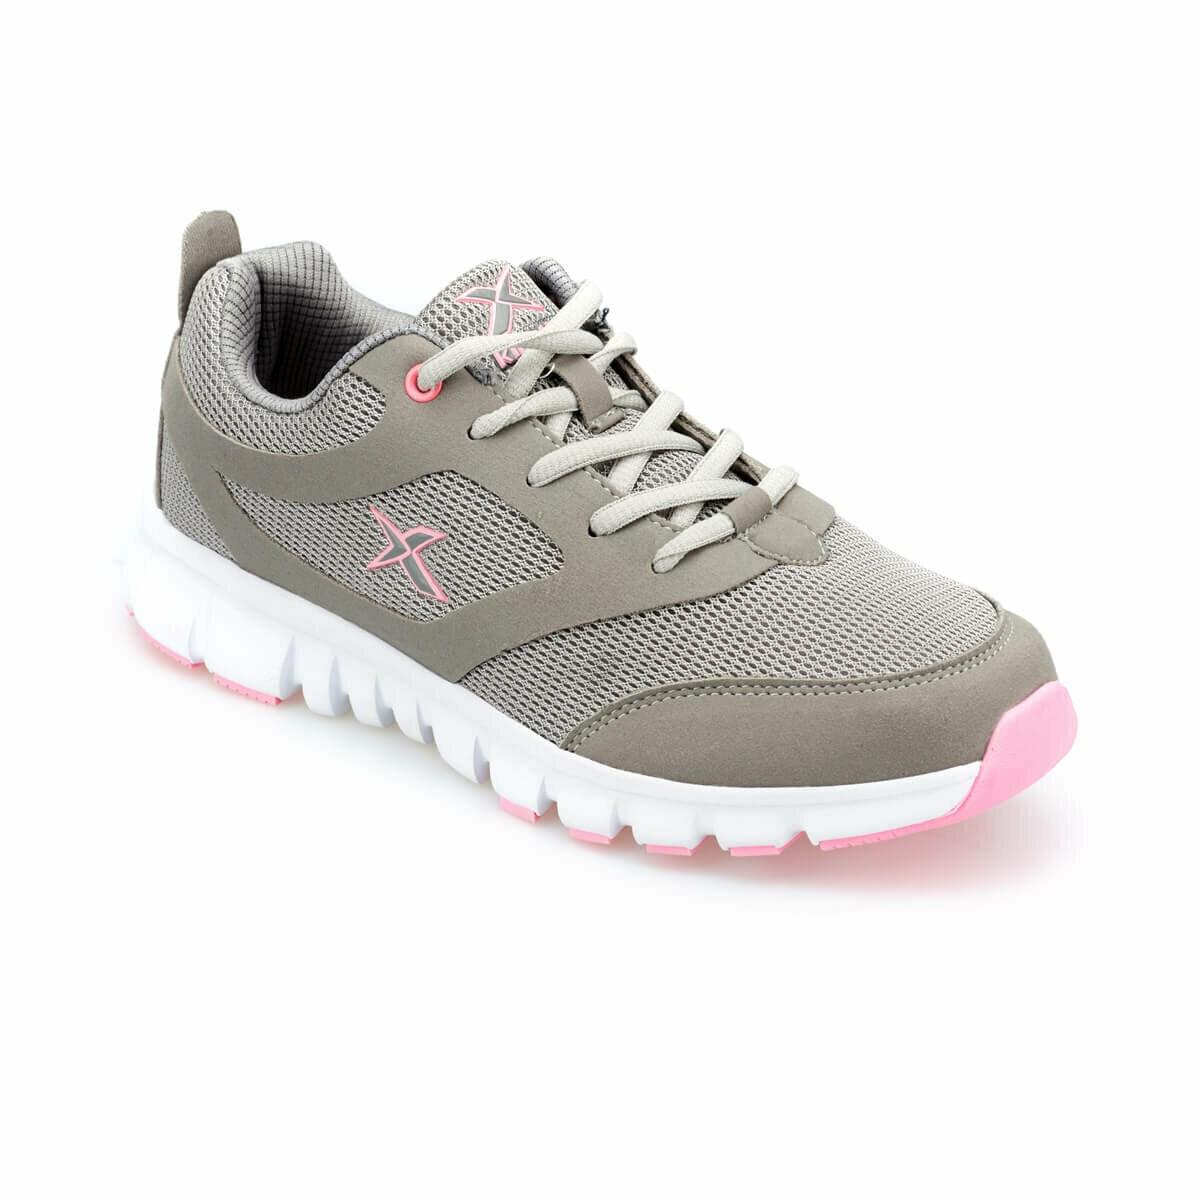 FLO ALMERA W Gray Women 'S Sneaker Shoes KINETIX